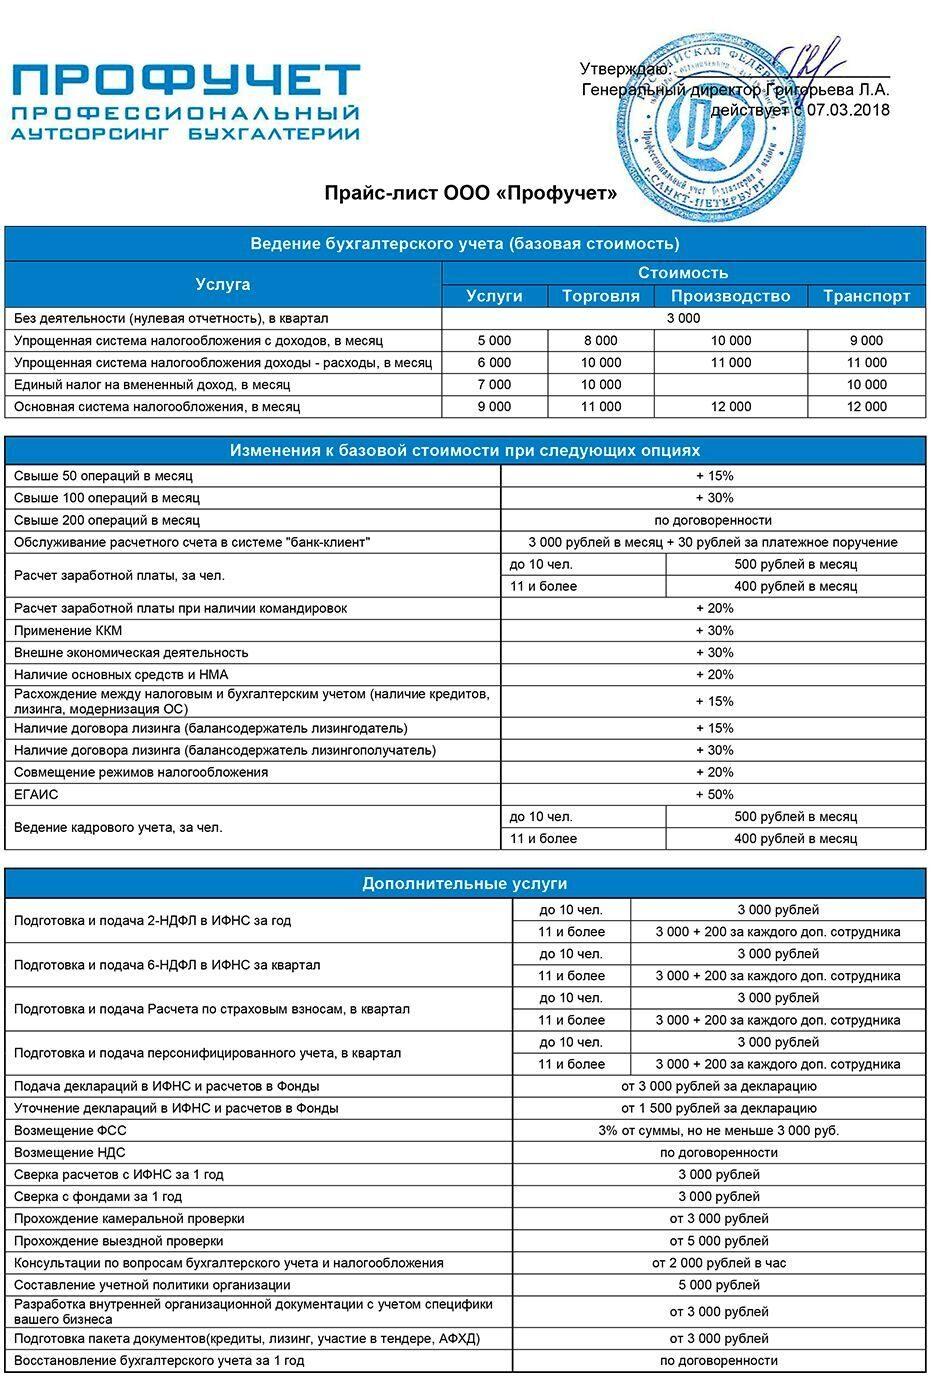 Бухгалтерские услуги прайс новокузнецк регистрация ооо бухгалтерские услуги москва